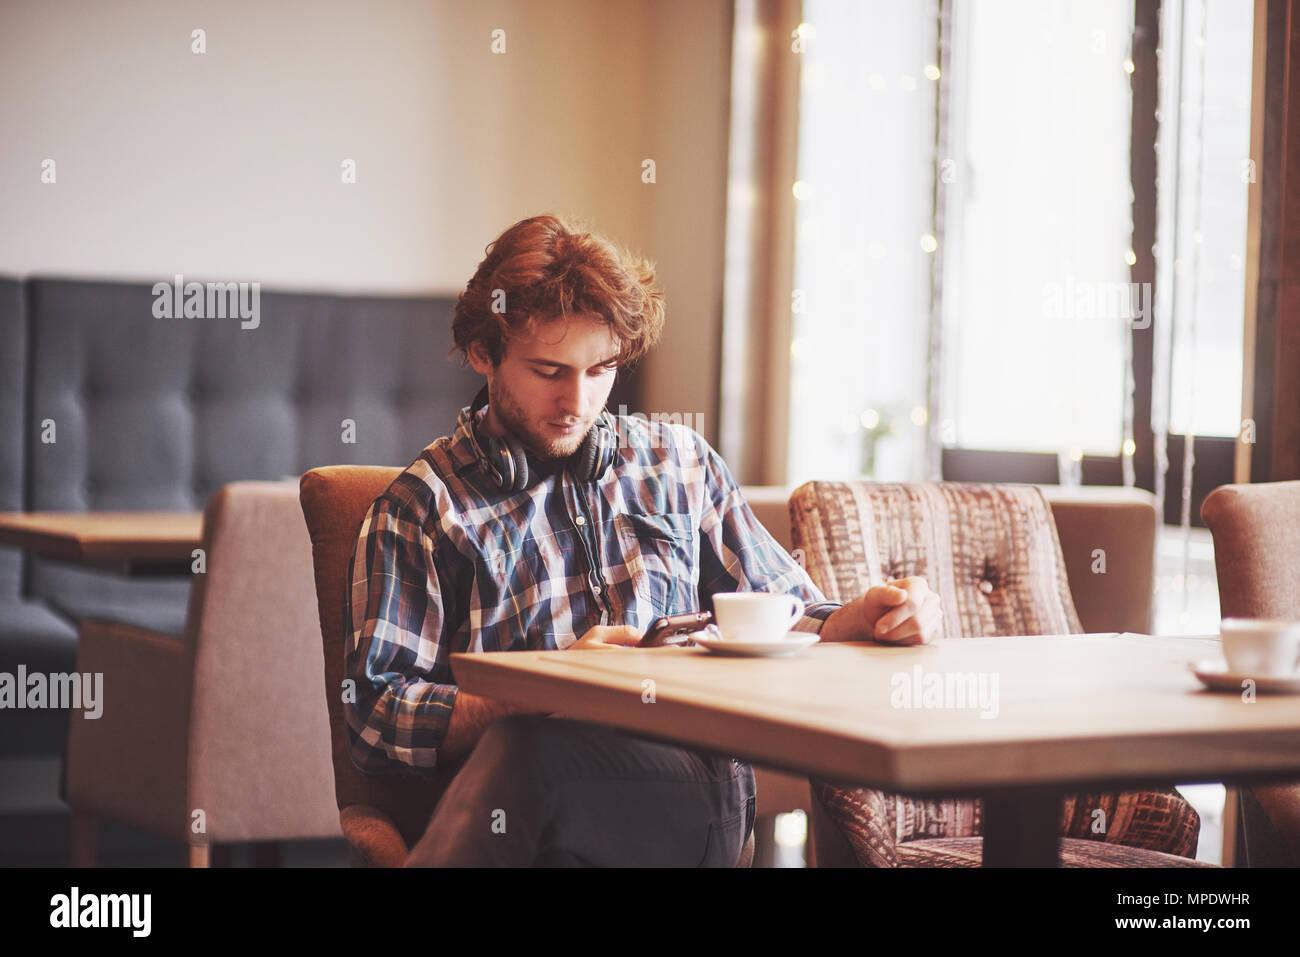 Glücklicher mann Inhaber der gemütliches Cafe fröhlich in eigenen Erfolg beim Sitzen mit Touch Pad am Esstisch, lächelnden Mann halten digitale Tablet und denkt über etwas Gutes während der Mittagspause im Café Stockbild